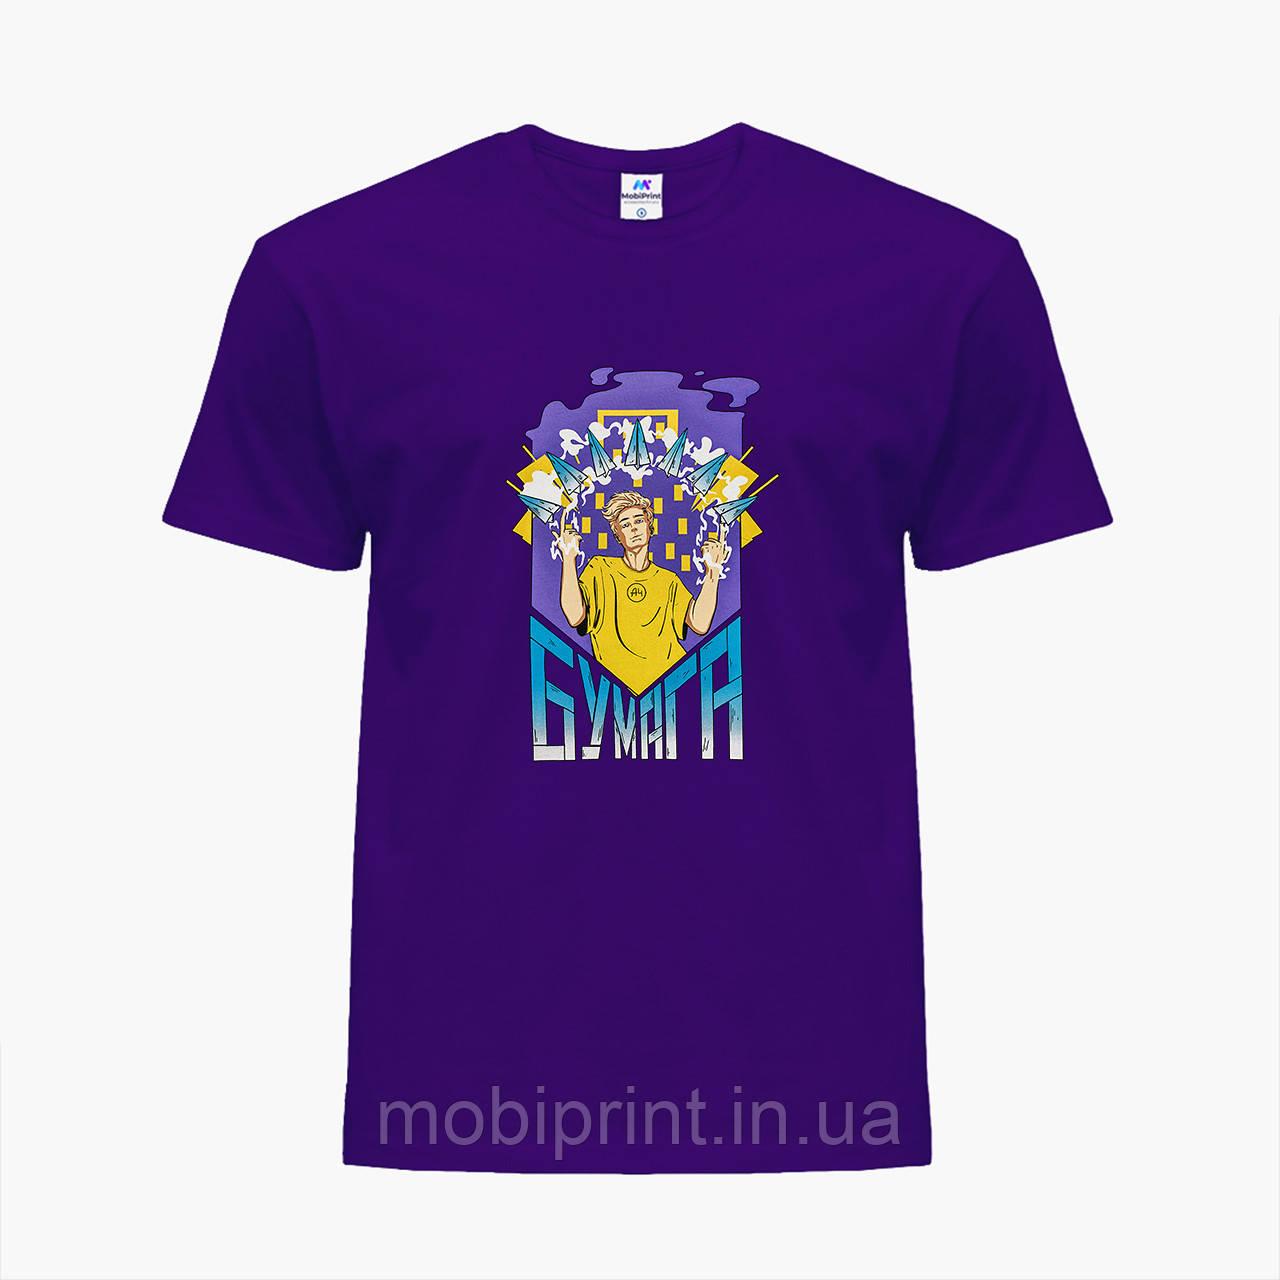 Дитяча футболка для хлопчиків блогер Влад Папір А4 (blogger Vlad A4) (25186-2617) Фіолетовий